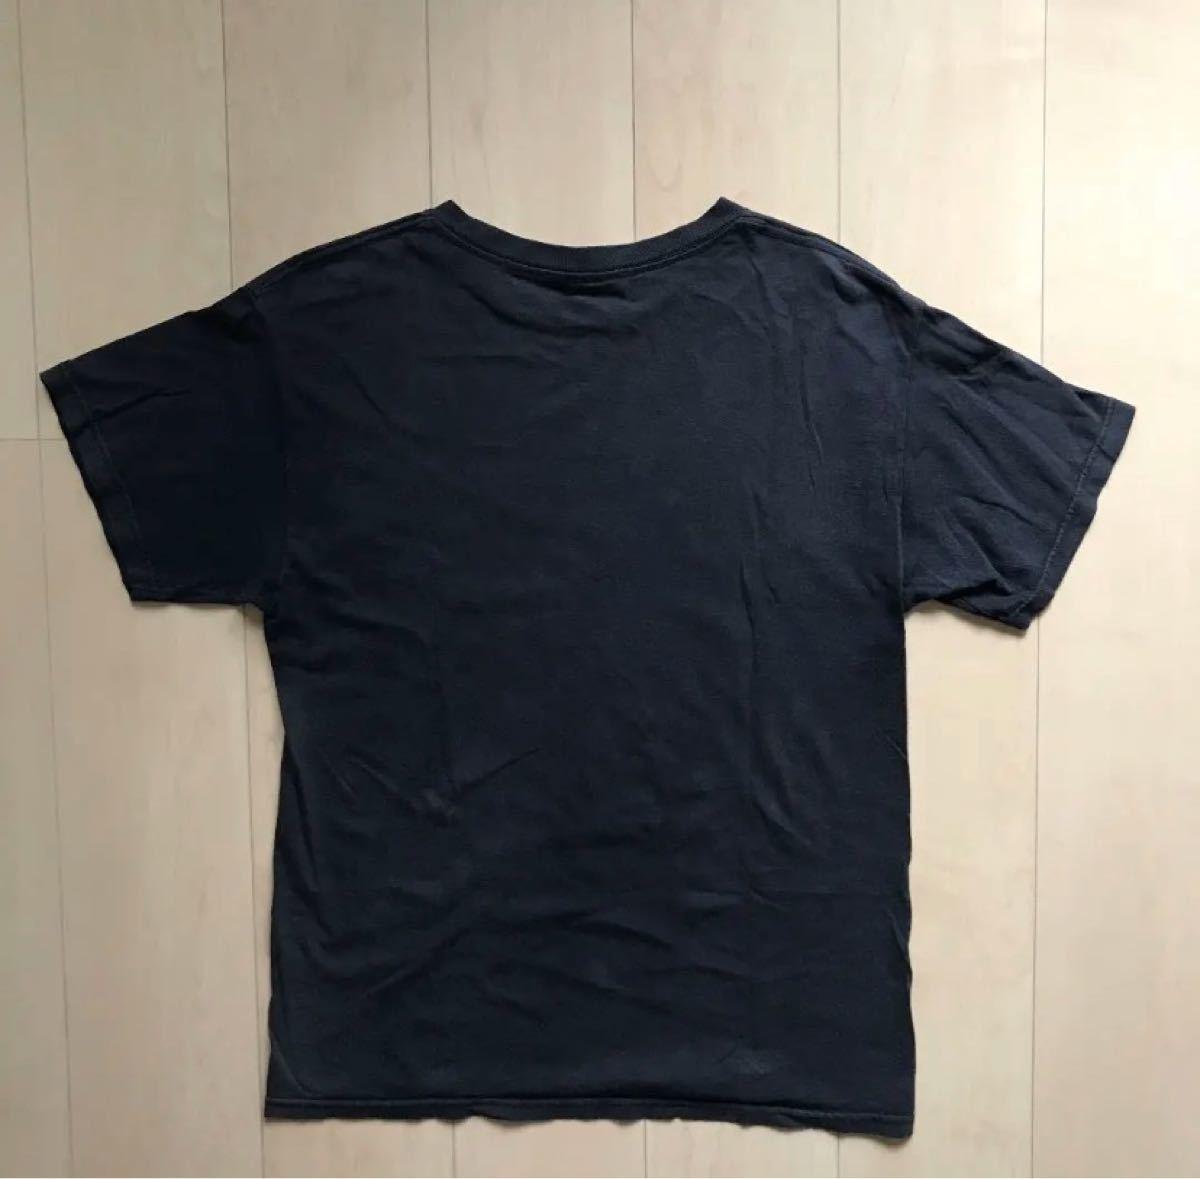 GUNS N' ROSES / ガンズアンドローゼズ / 2004年Tシャツ